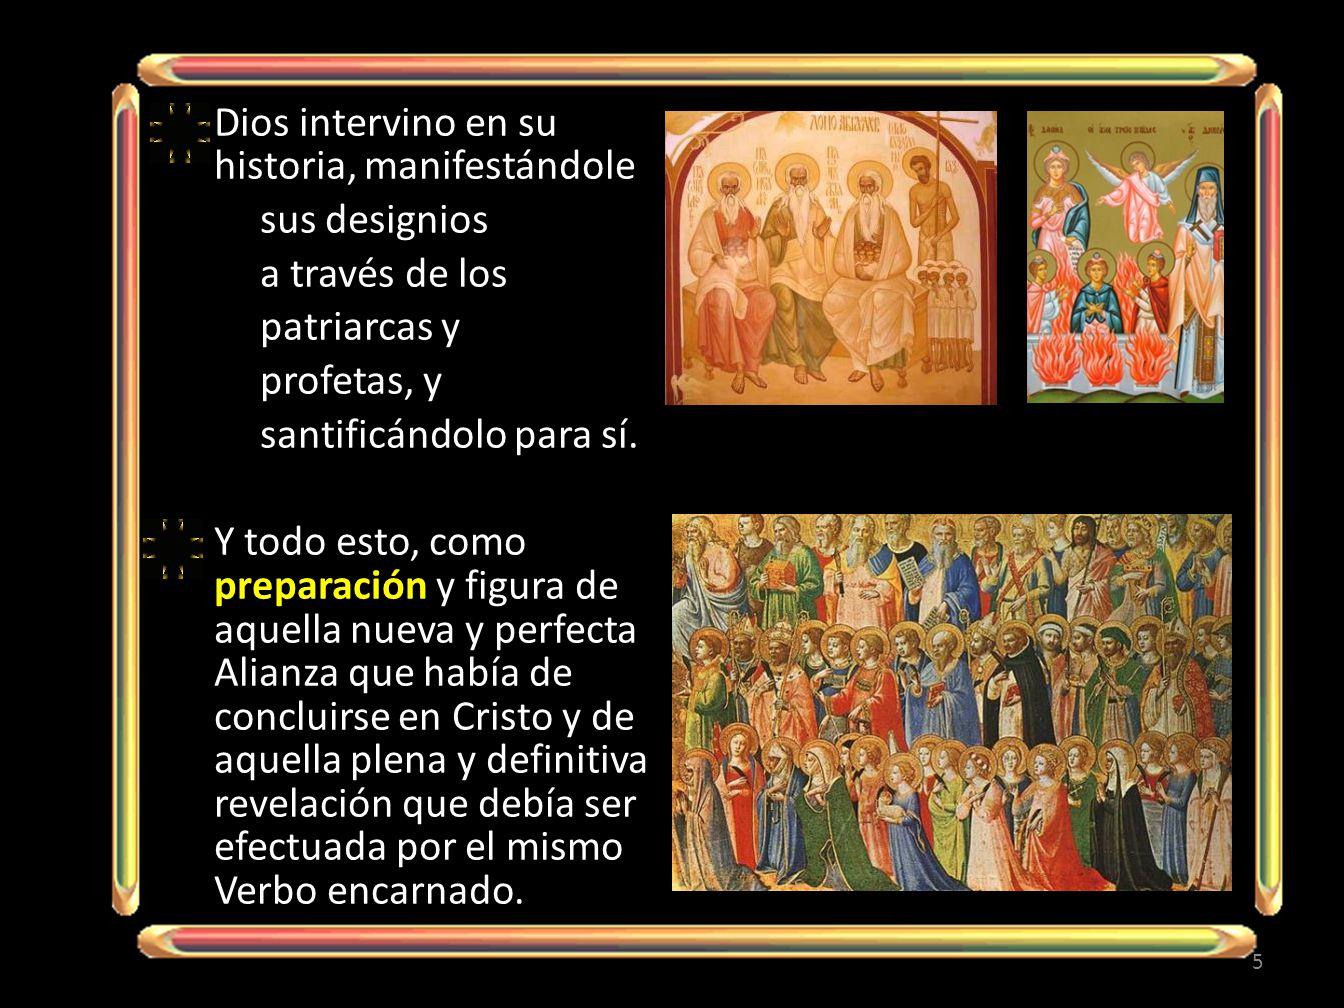 Dios intervino en su historia, manifestándole sus designios a través de los patriarcas y profetas, y santificándolo para sí.